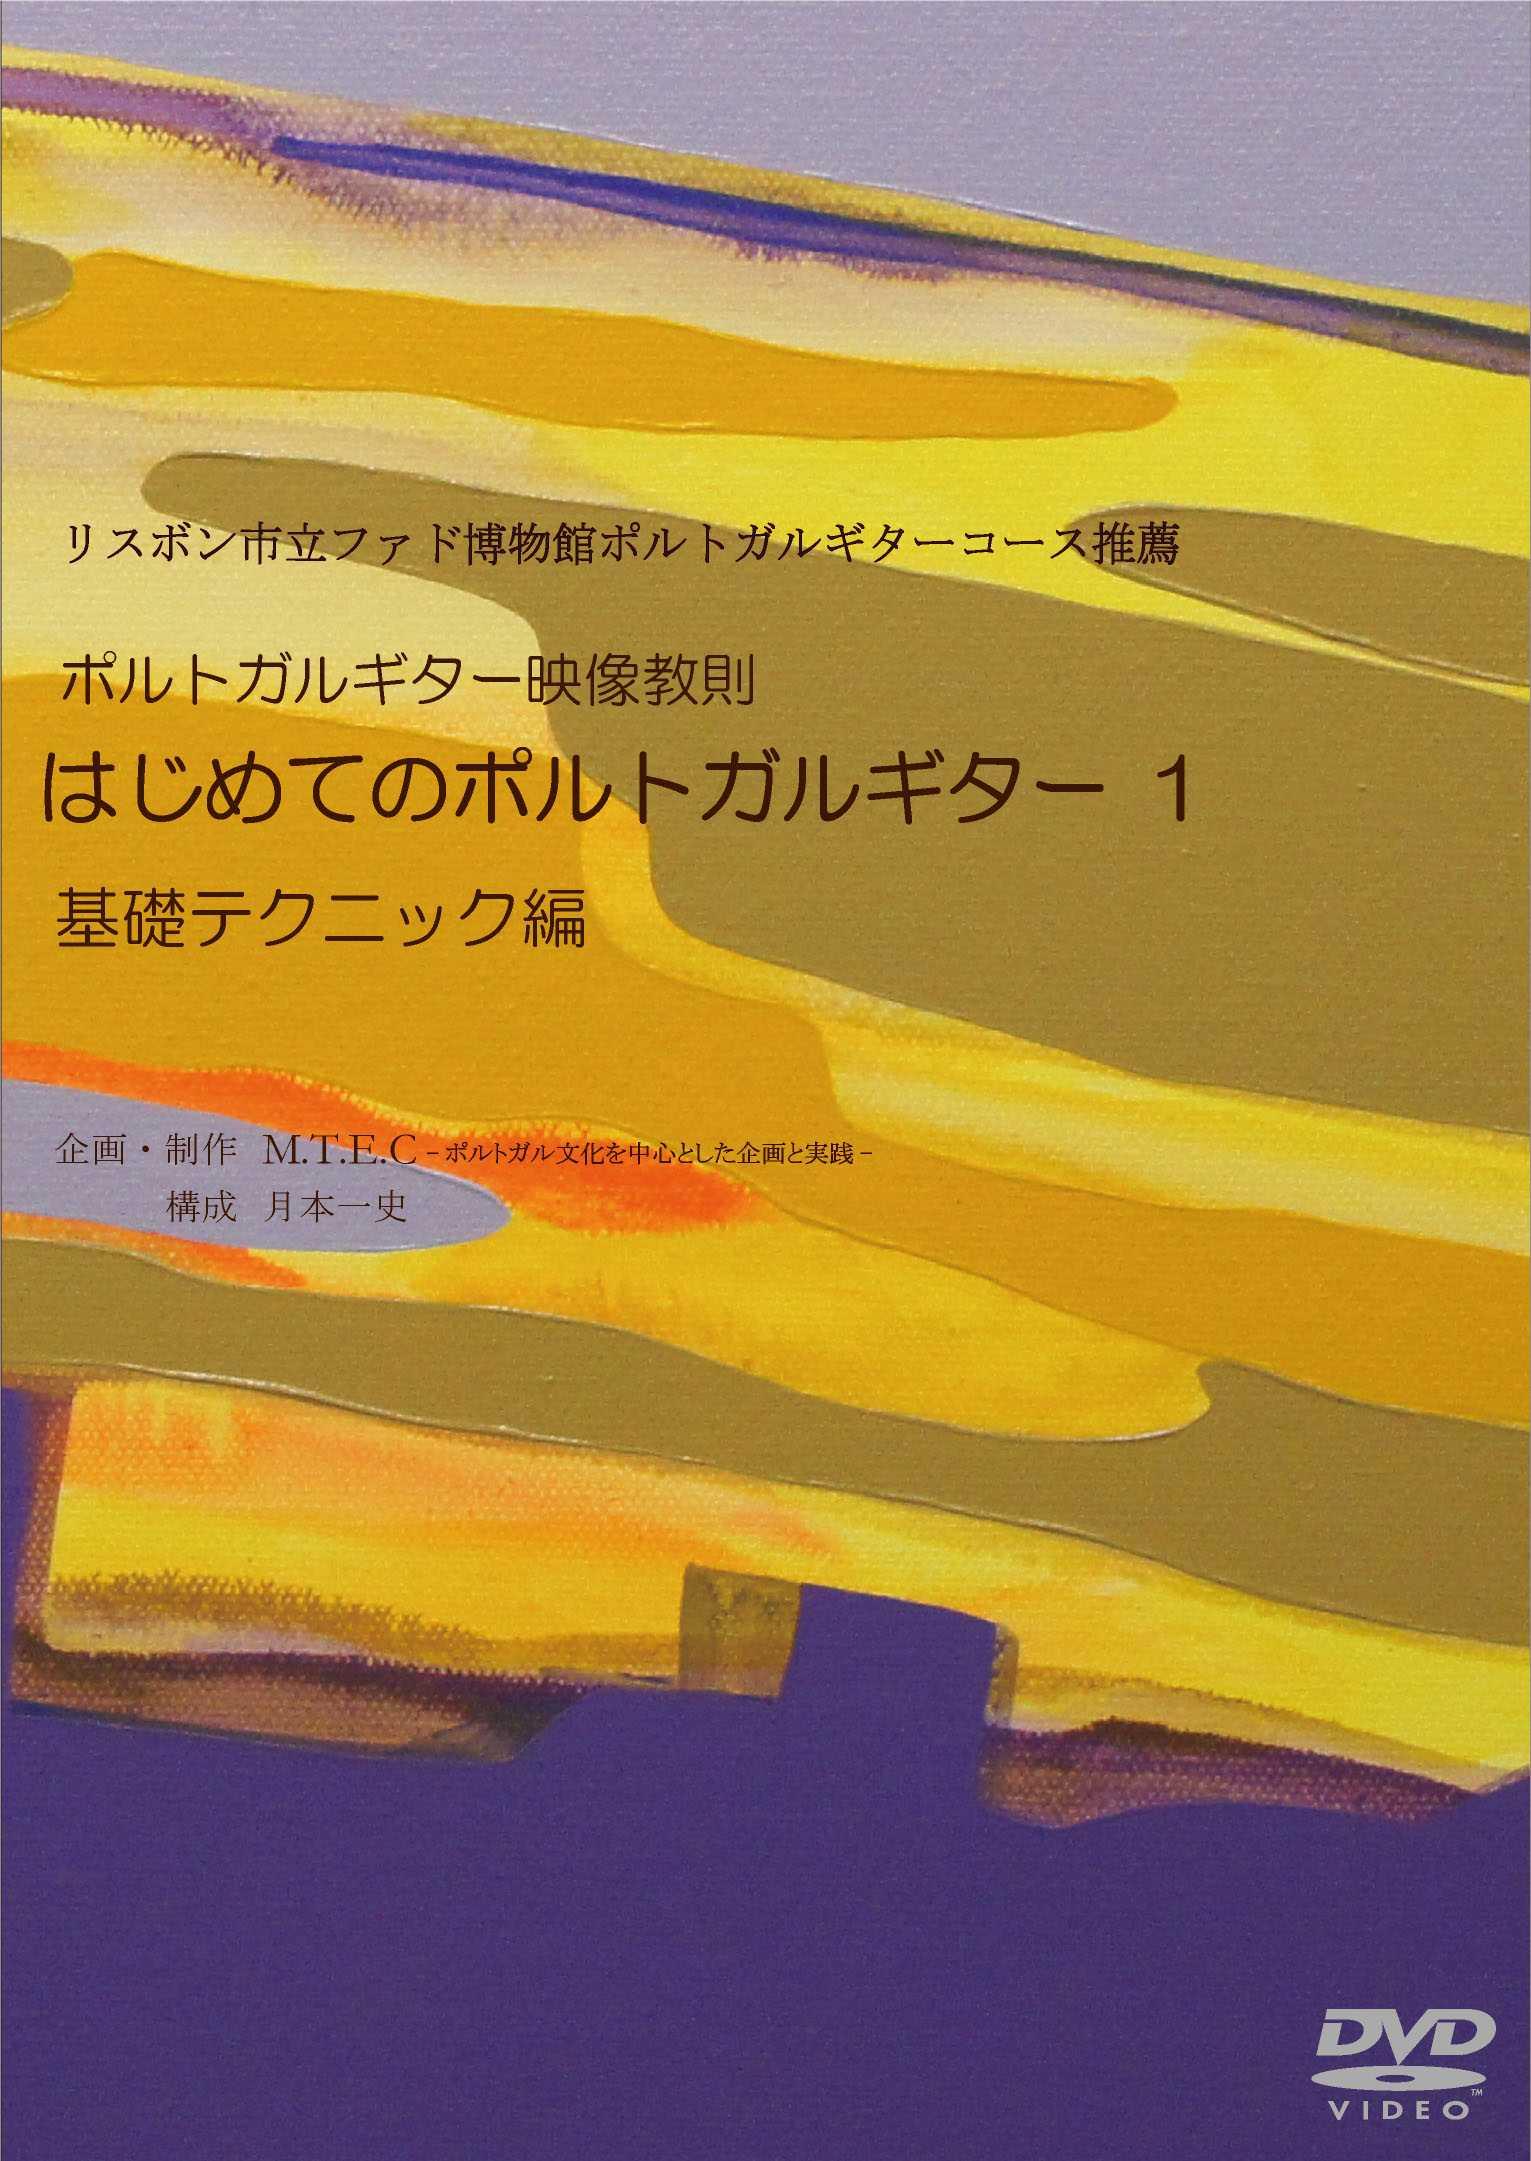 第1巻 基礎テクニック編全章セット「はじめてのポルトガルギター」